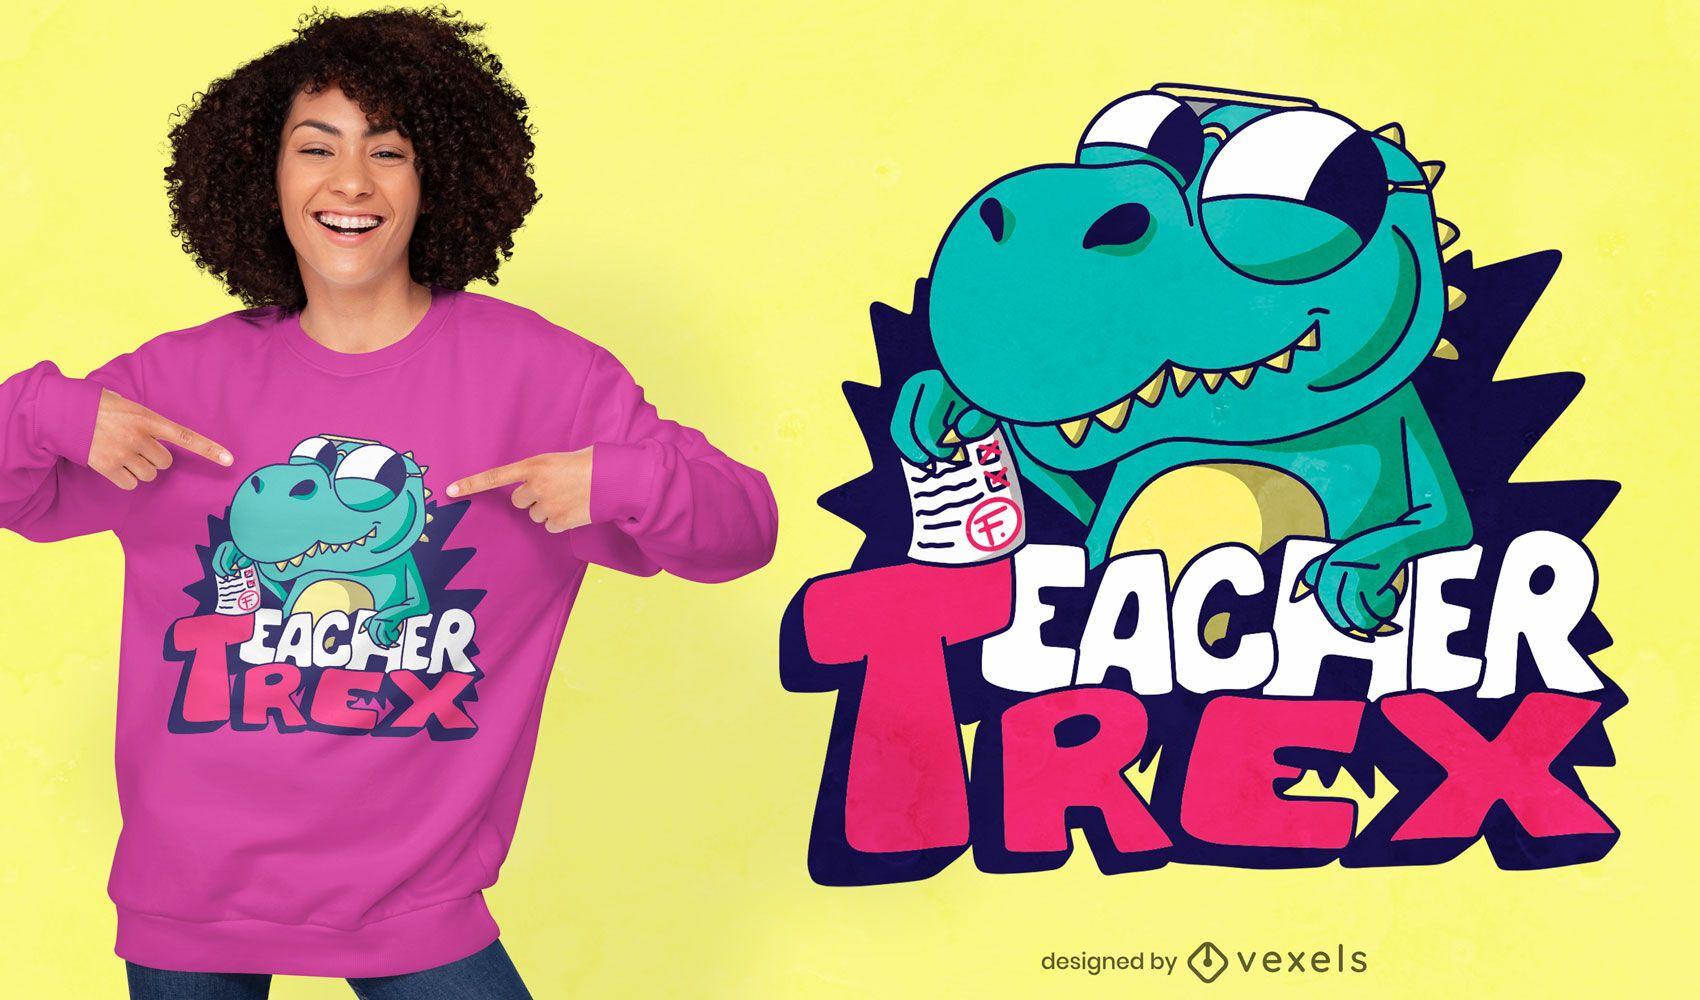 Teacher t-rex cartoon t-shirt design